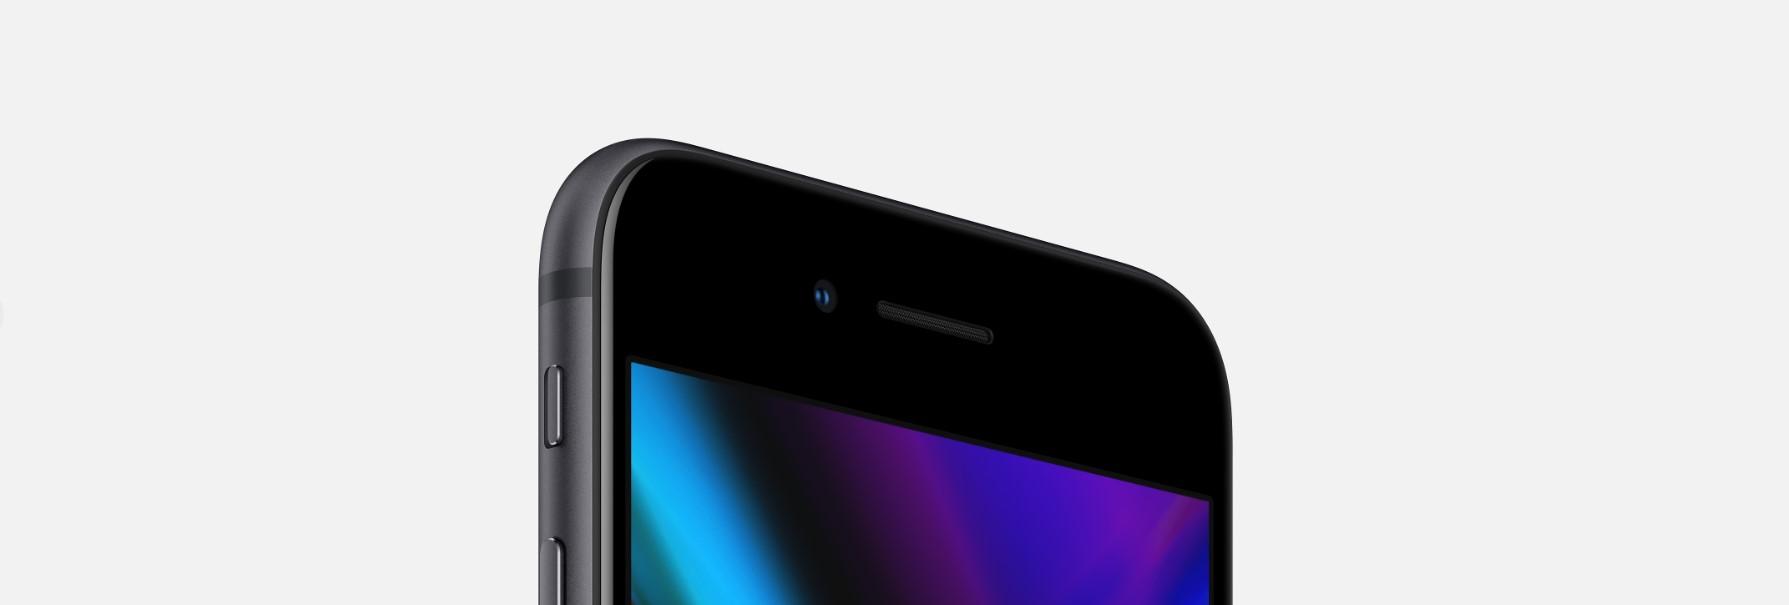 Szukasz iPhone'a do 2000 zł? Sprawdź tę ofertę! 20